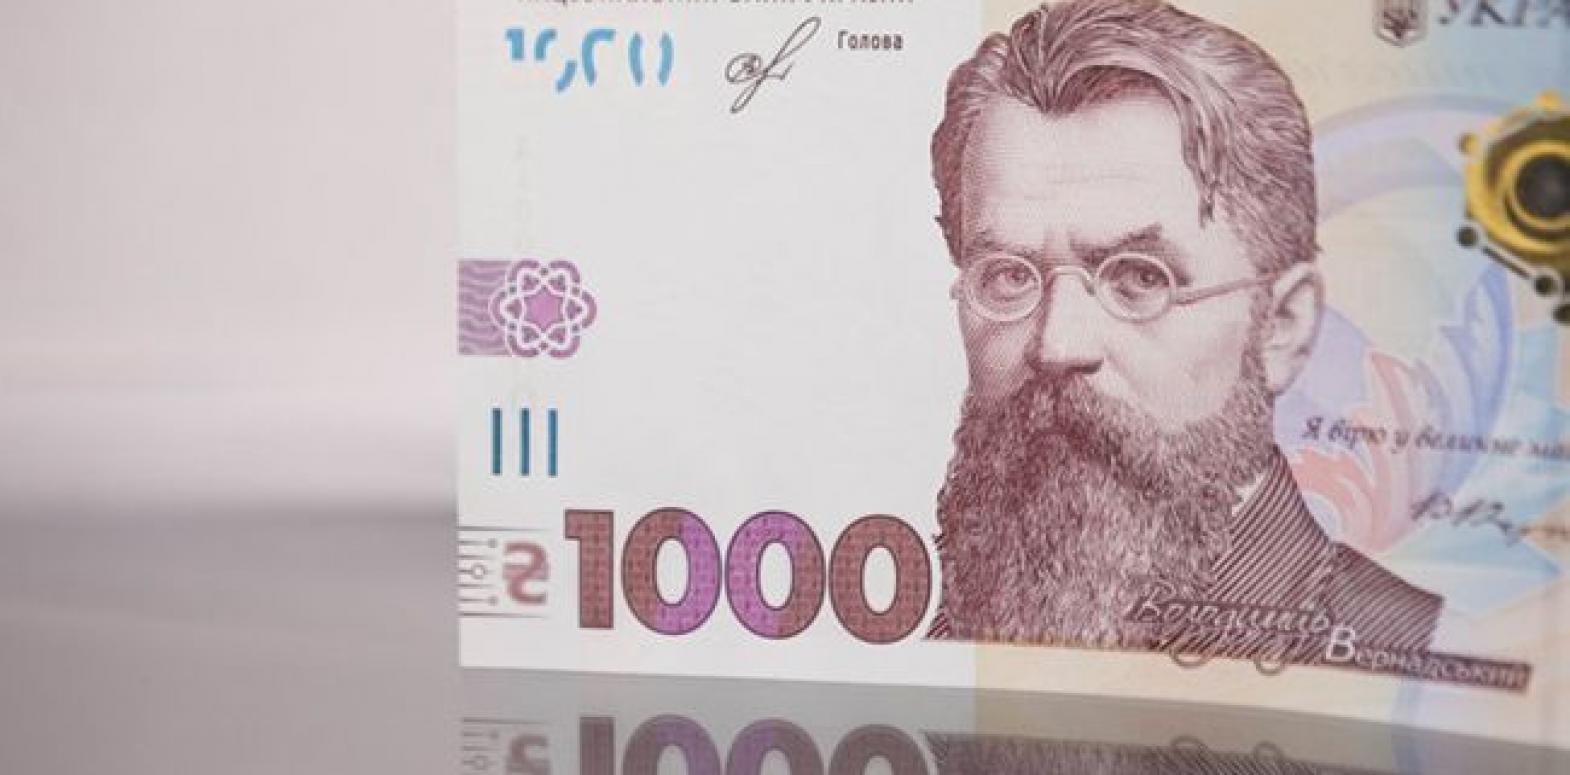 НБУ назвал объем первого выпуска банкноты номиналом 1000 гривен